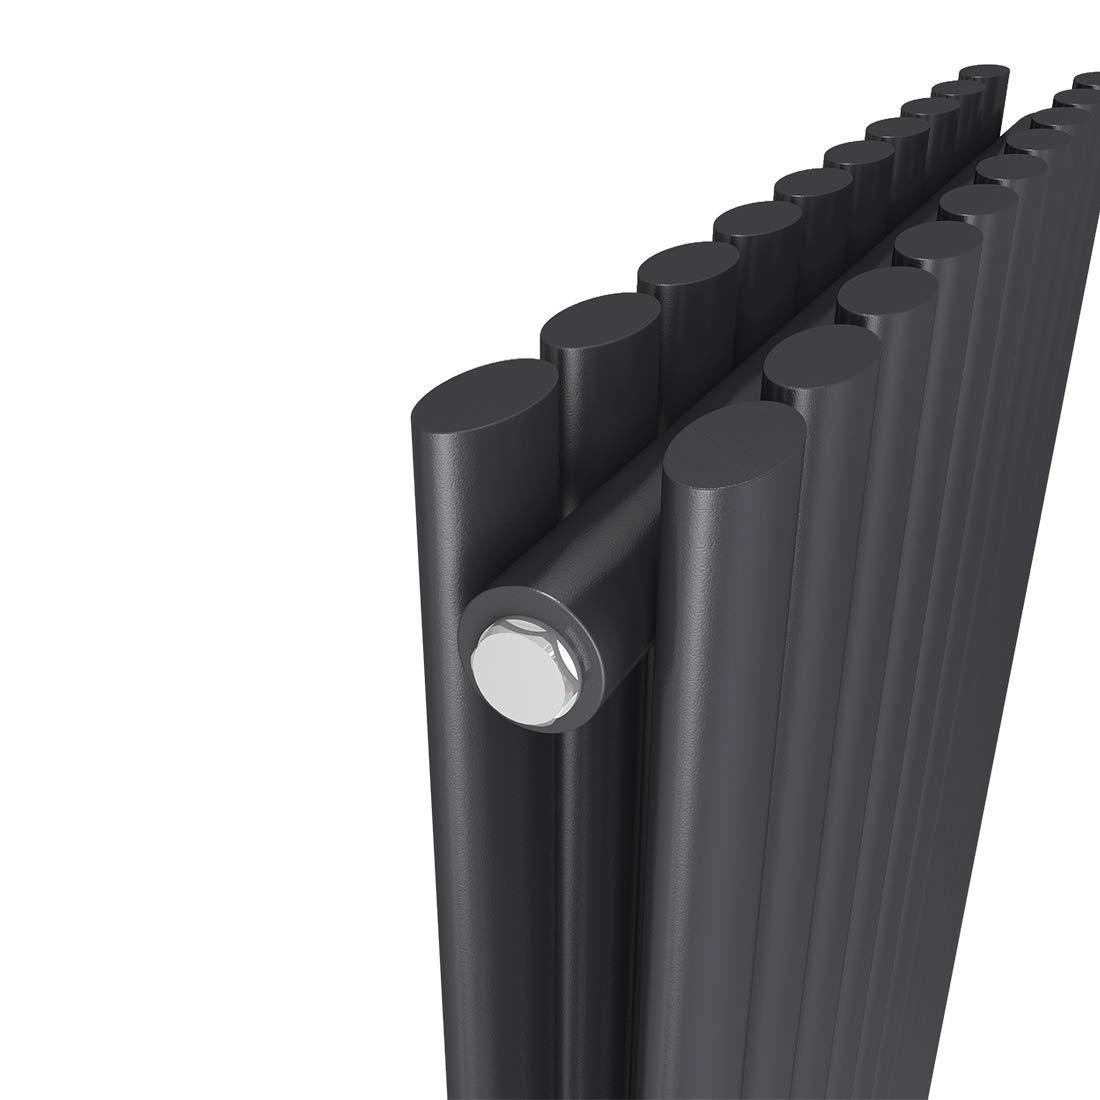 EMKE Heizk/örper Design-Heizk/örper Antrazit Vertikal 1800x480mm Heizung Mittelanschluss Einreihig 874W